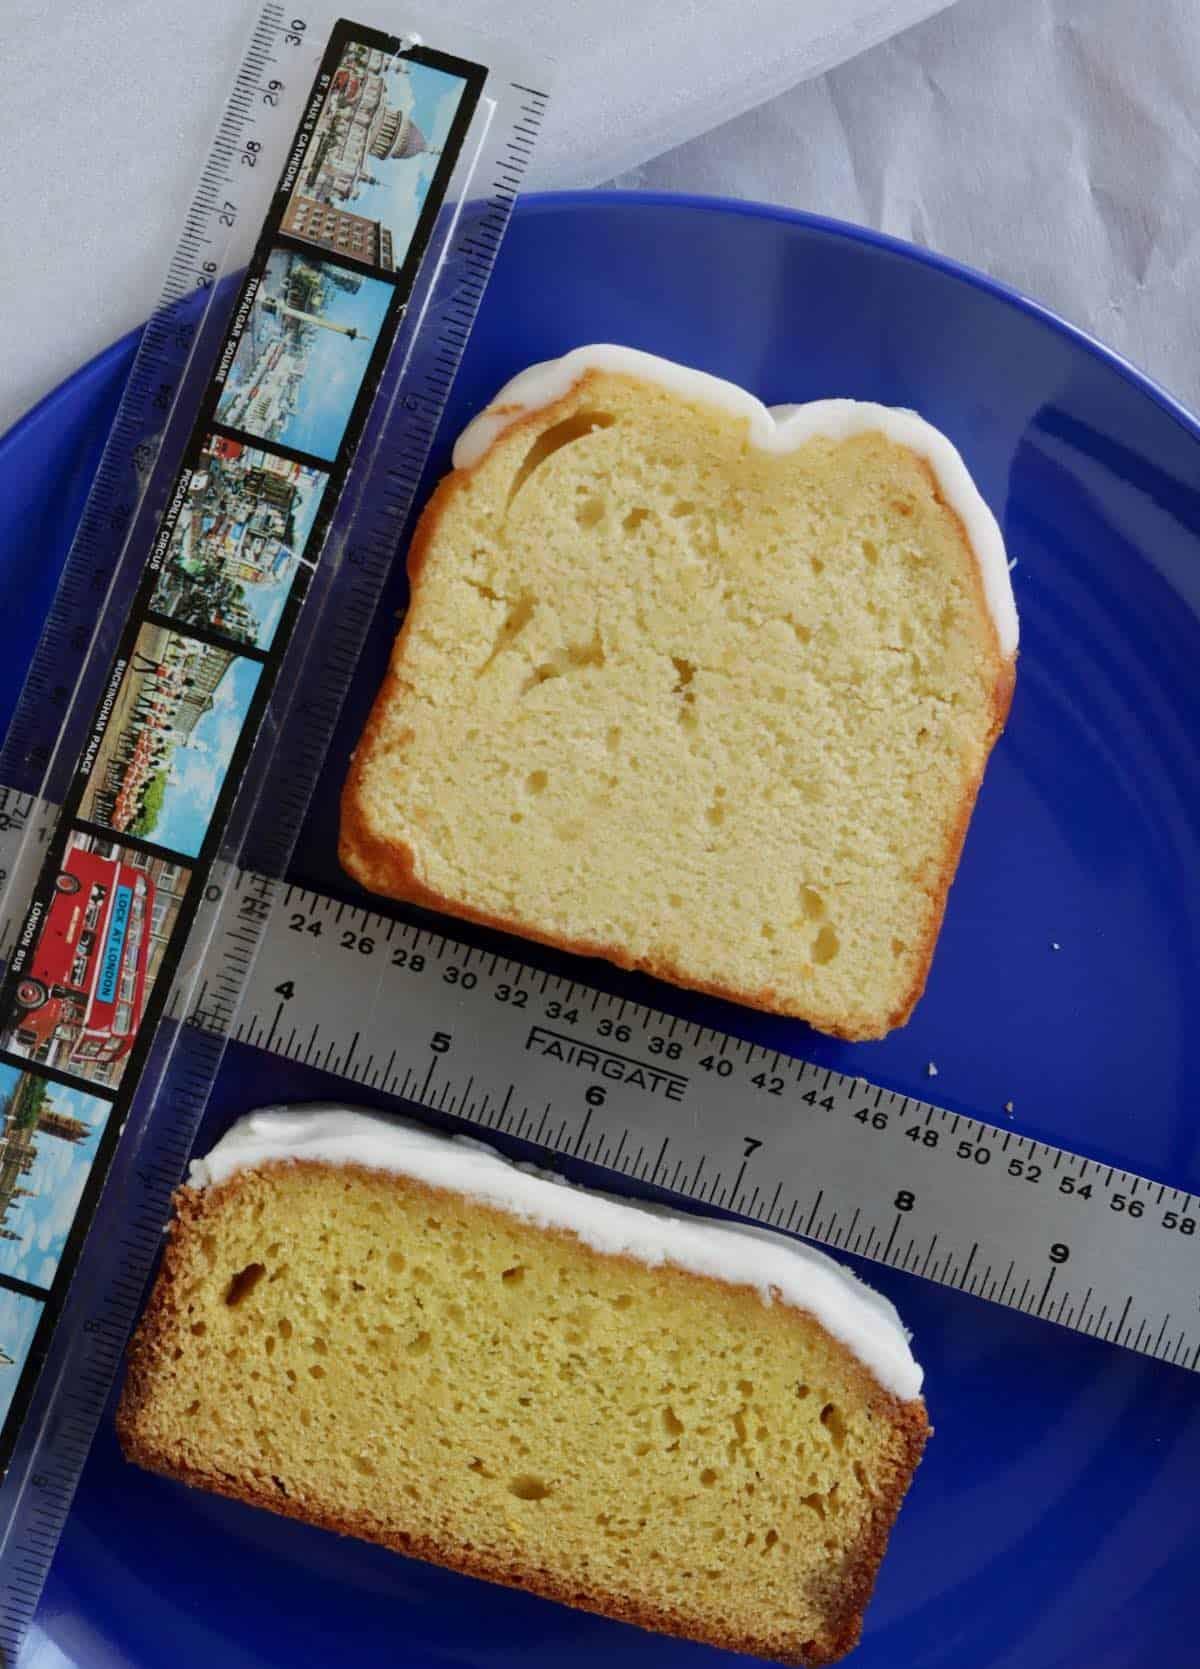 lemon cake size comparison